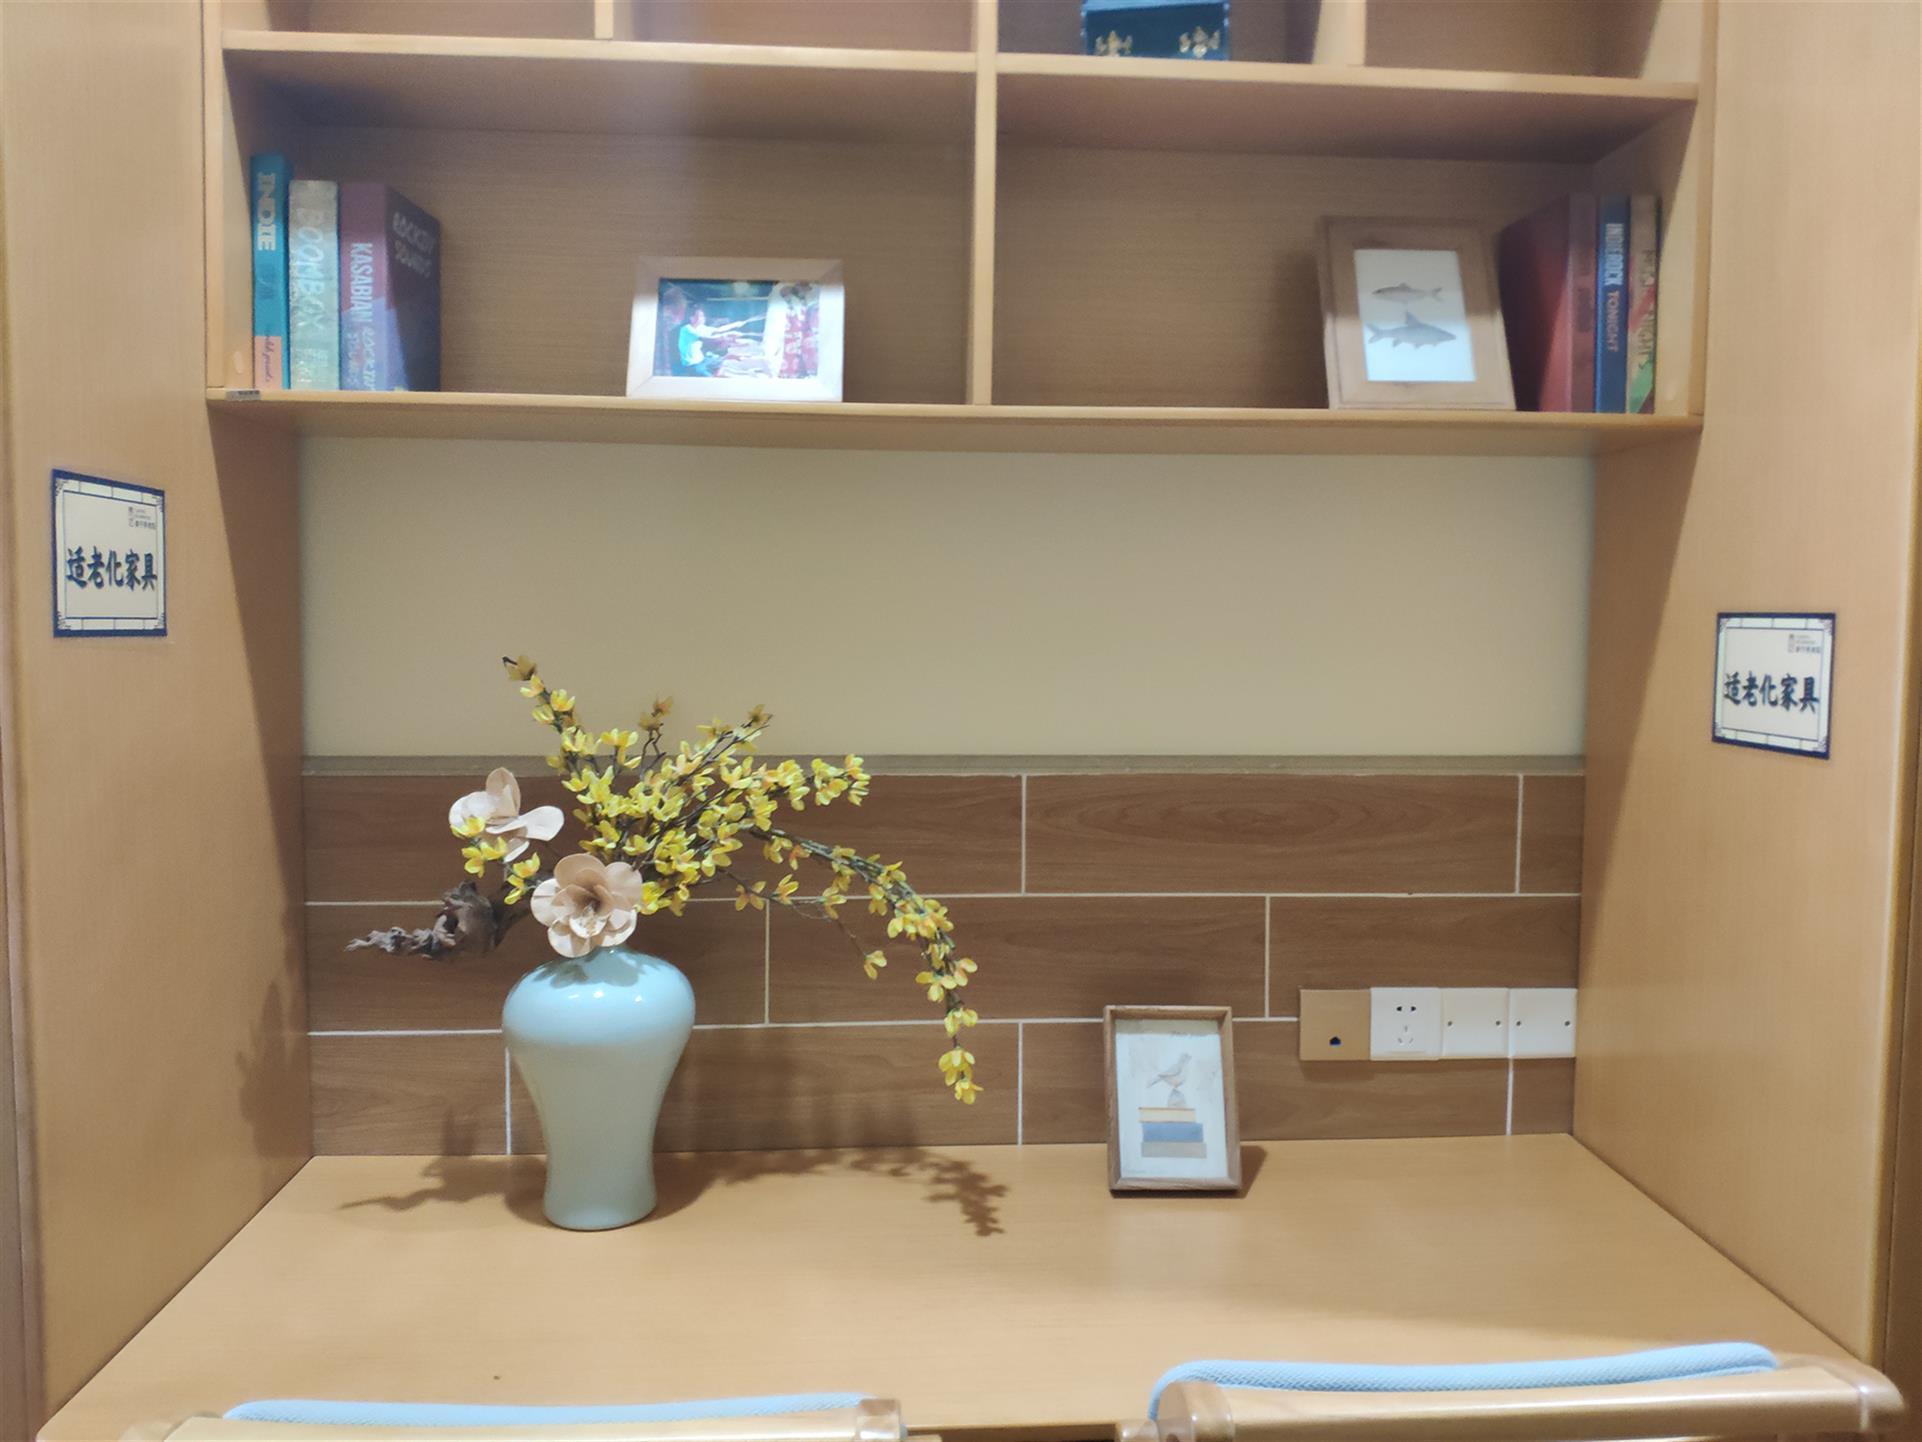 广州越秀区老人院排名养老院环境优美